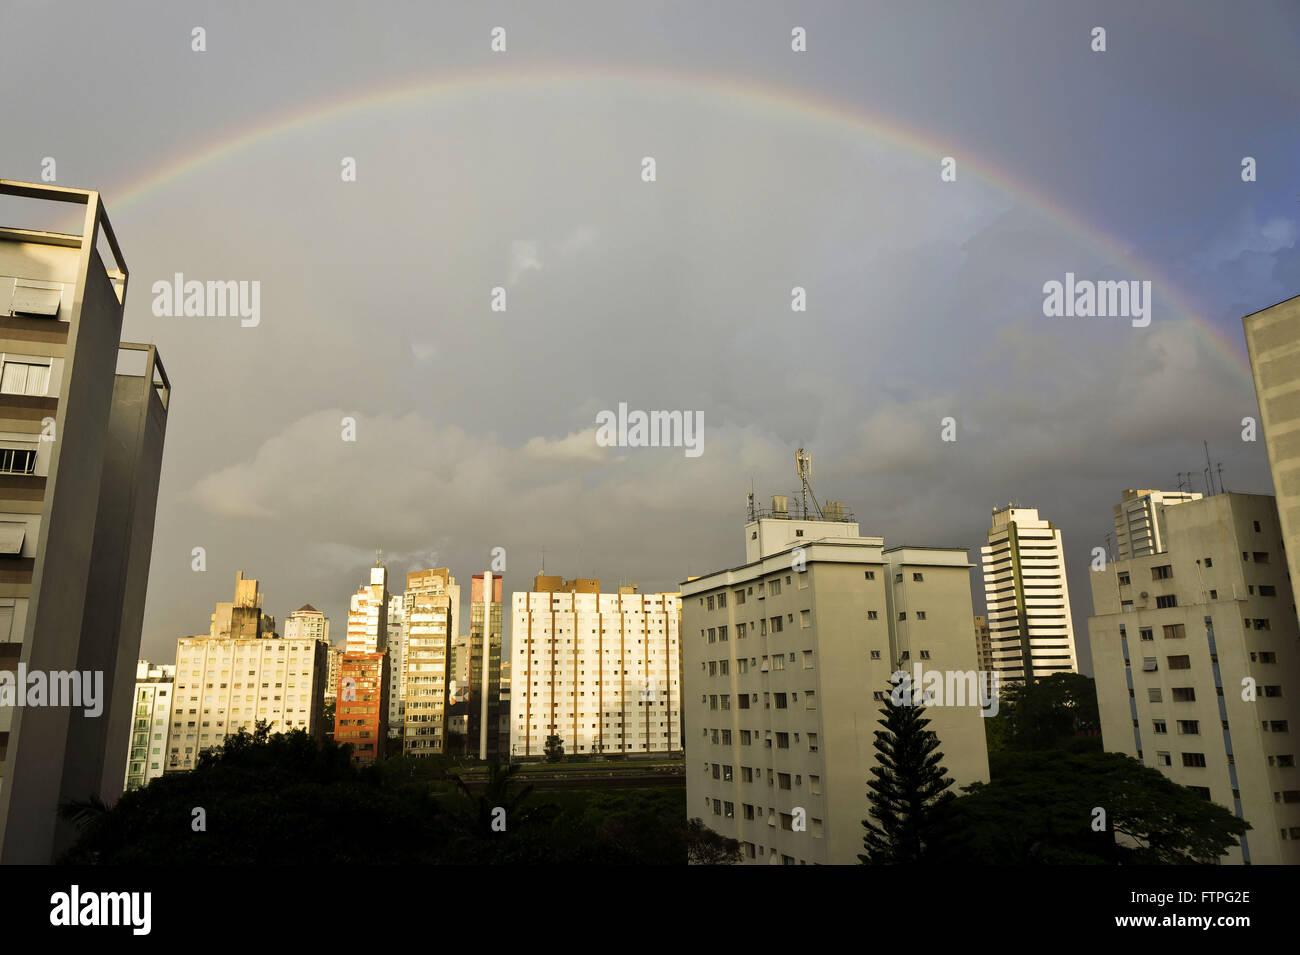 Vista del edificio residencial en el barrio Paraíso con arco Imagen De Stock